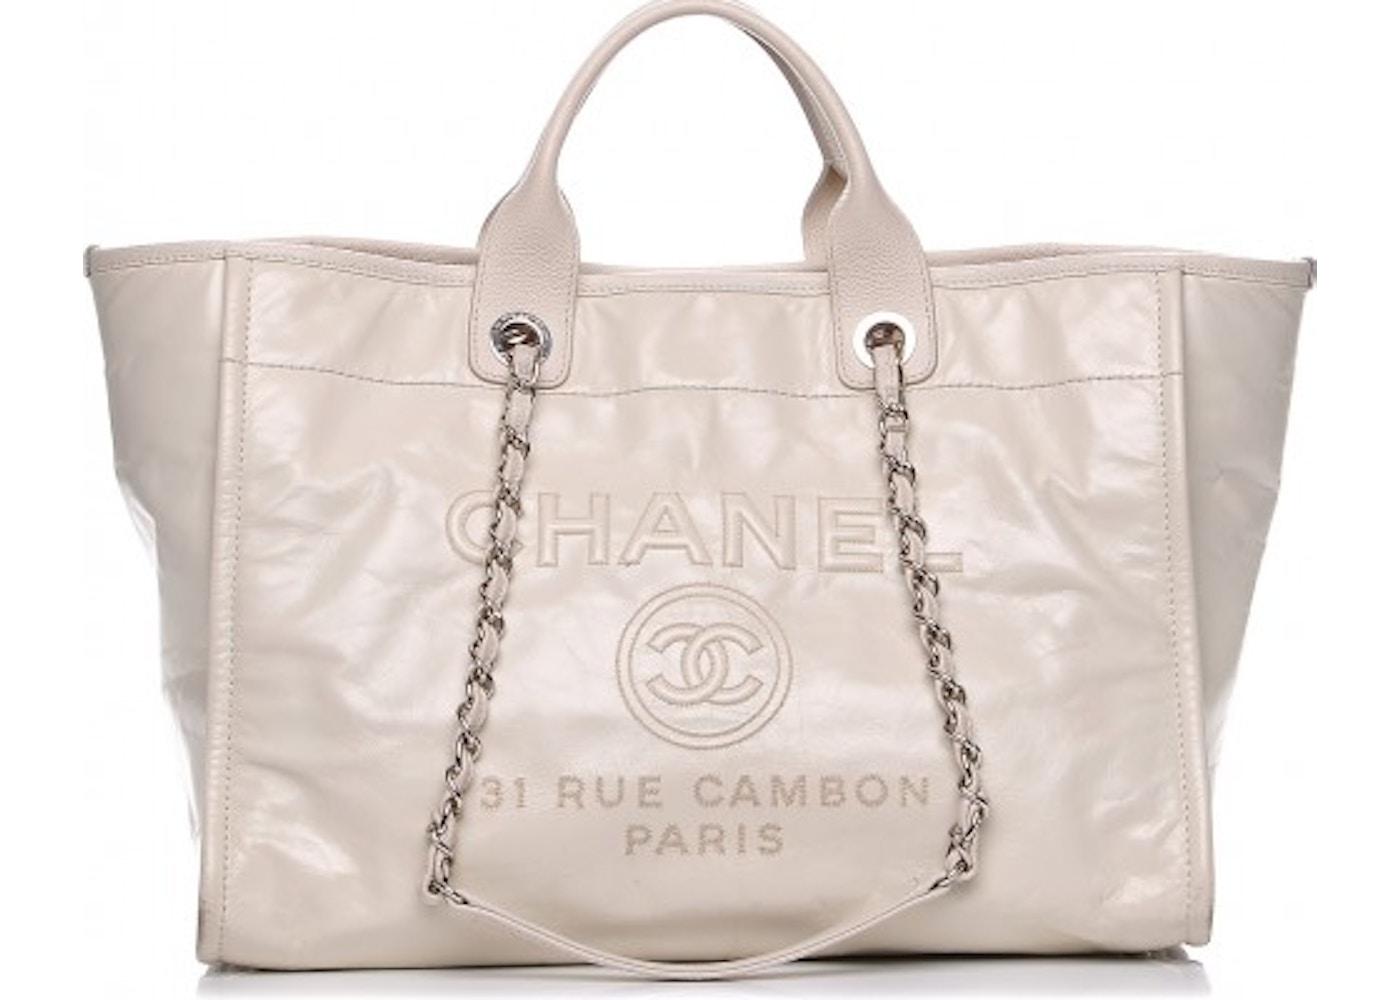 582c7d7a6e5f Chanel Deauville Tote Deauville Glazed Large. Deauville Glazed Large